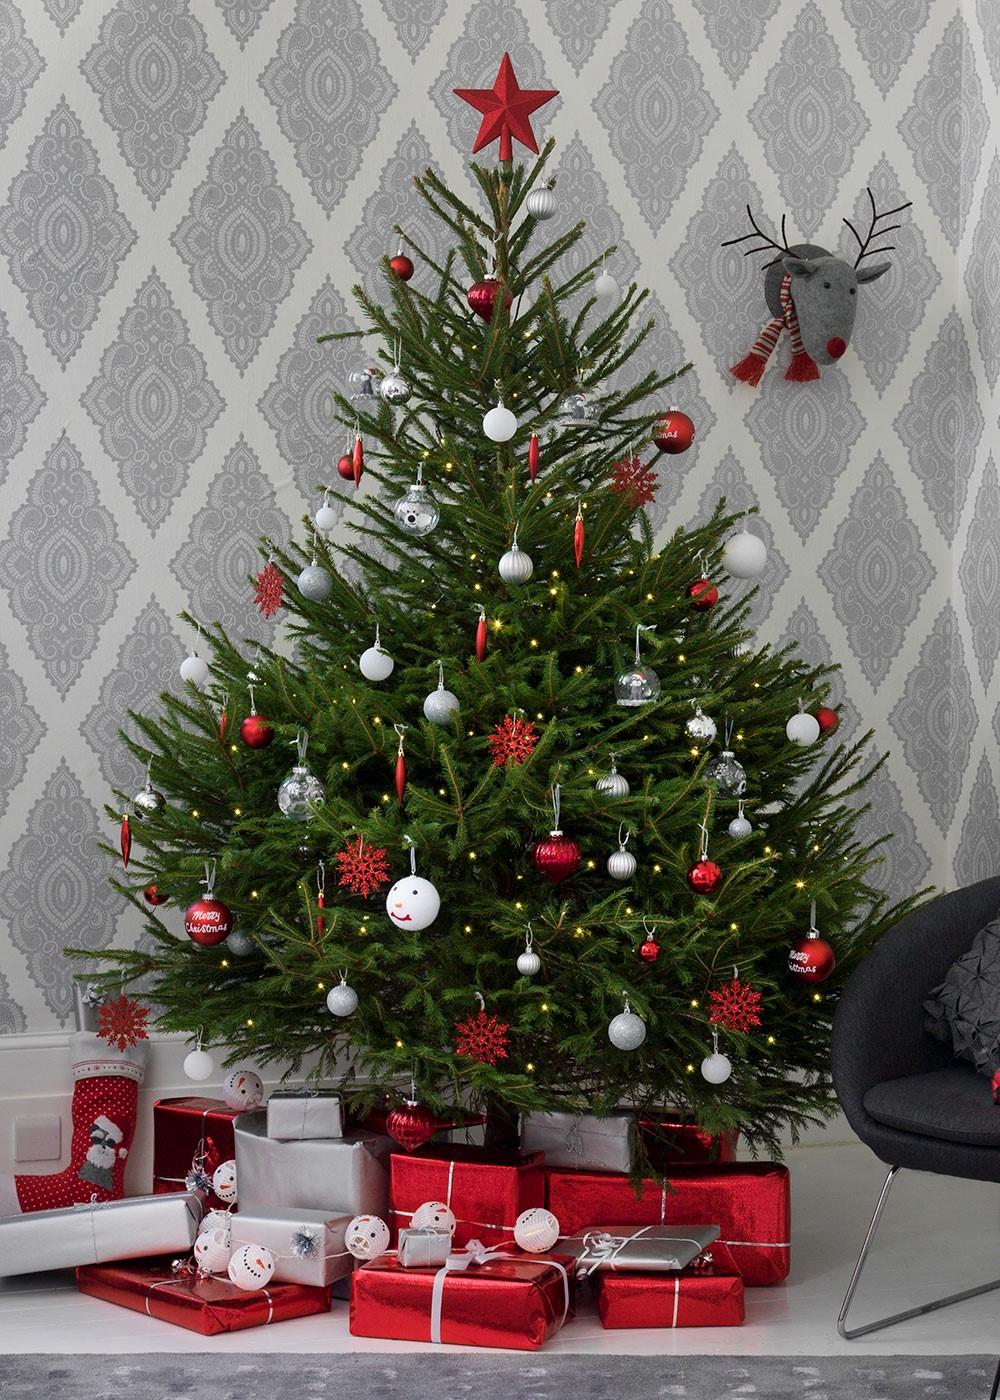 Echte kerstbomen: welke past het best bij mij?